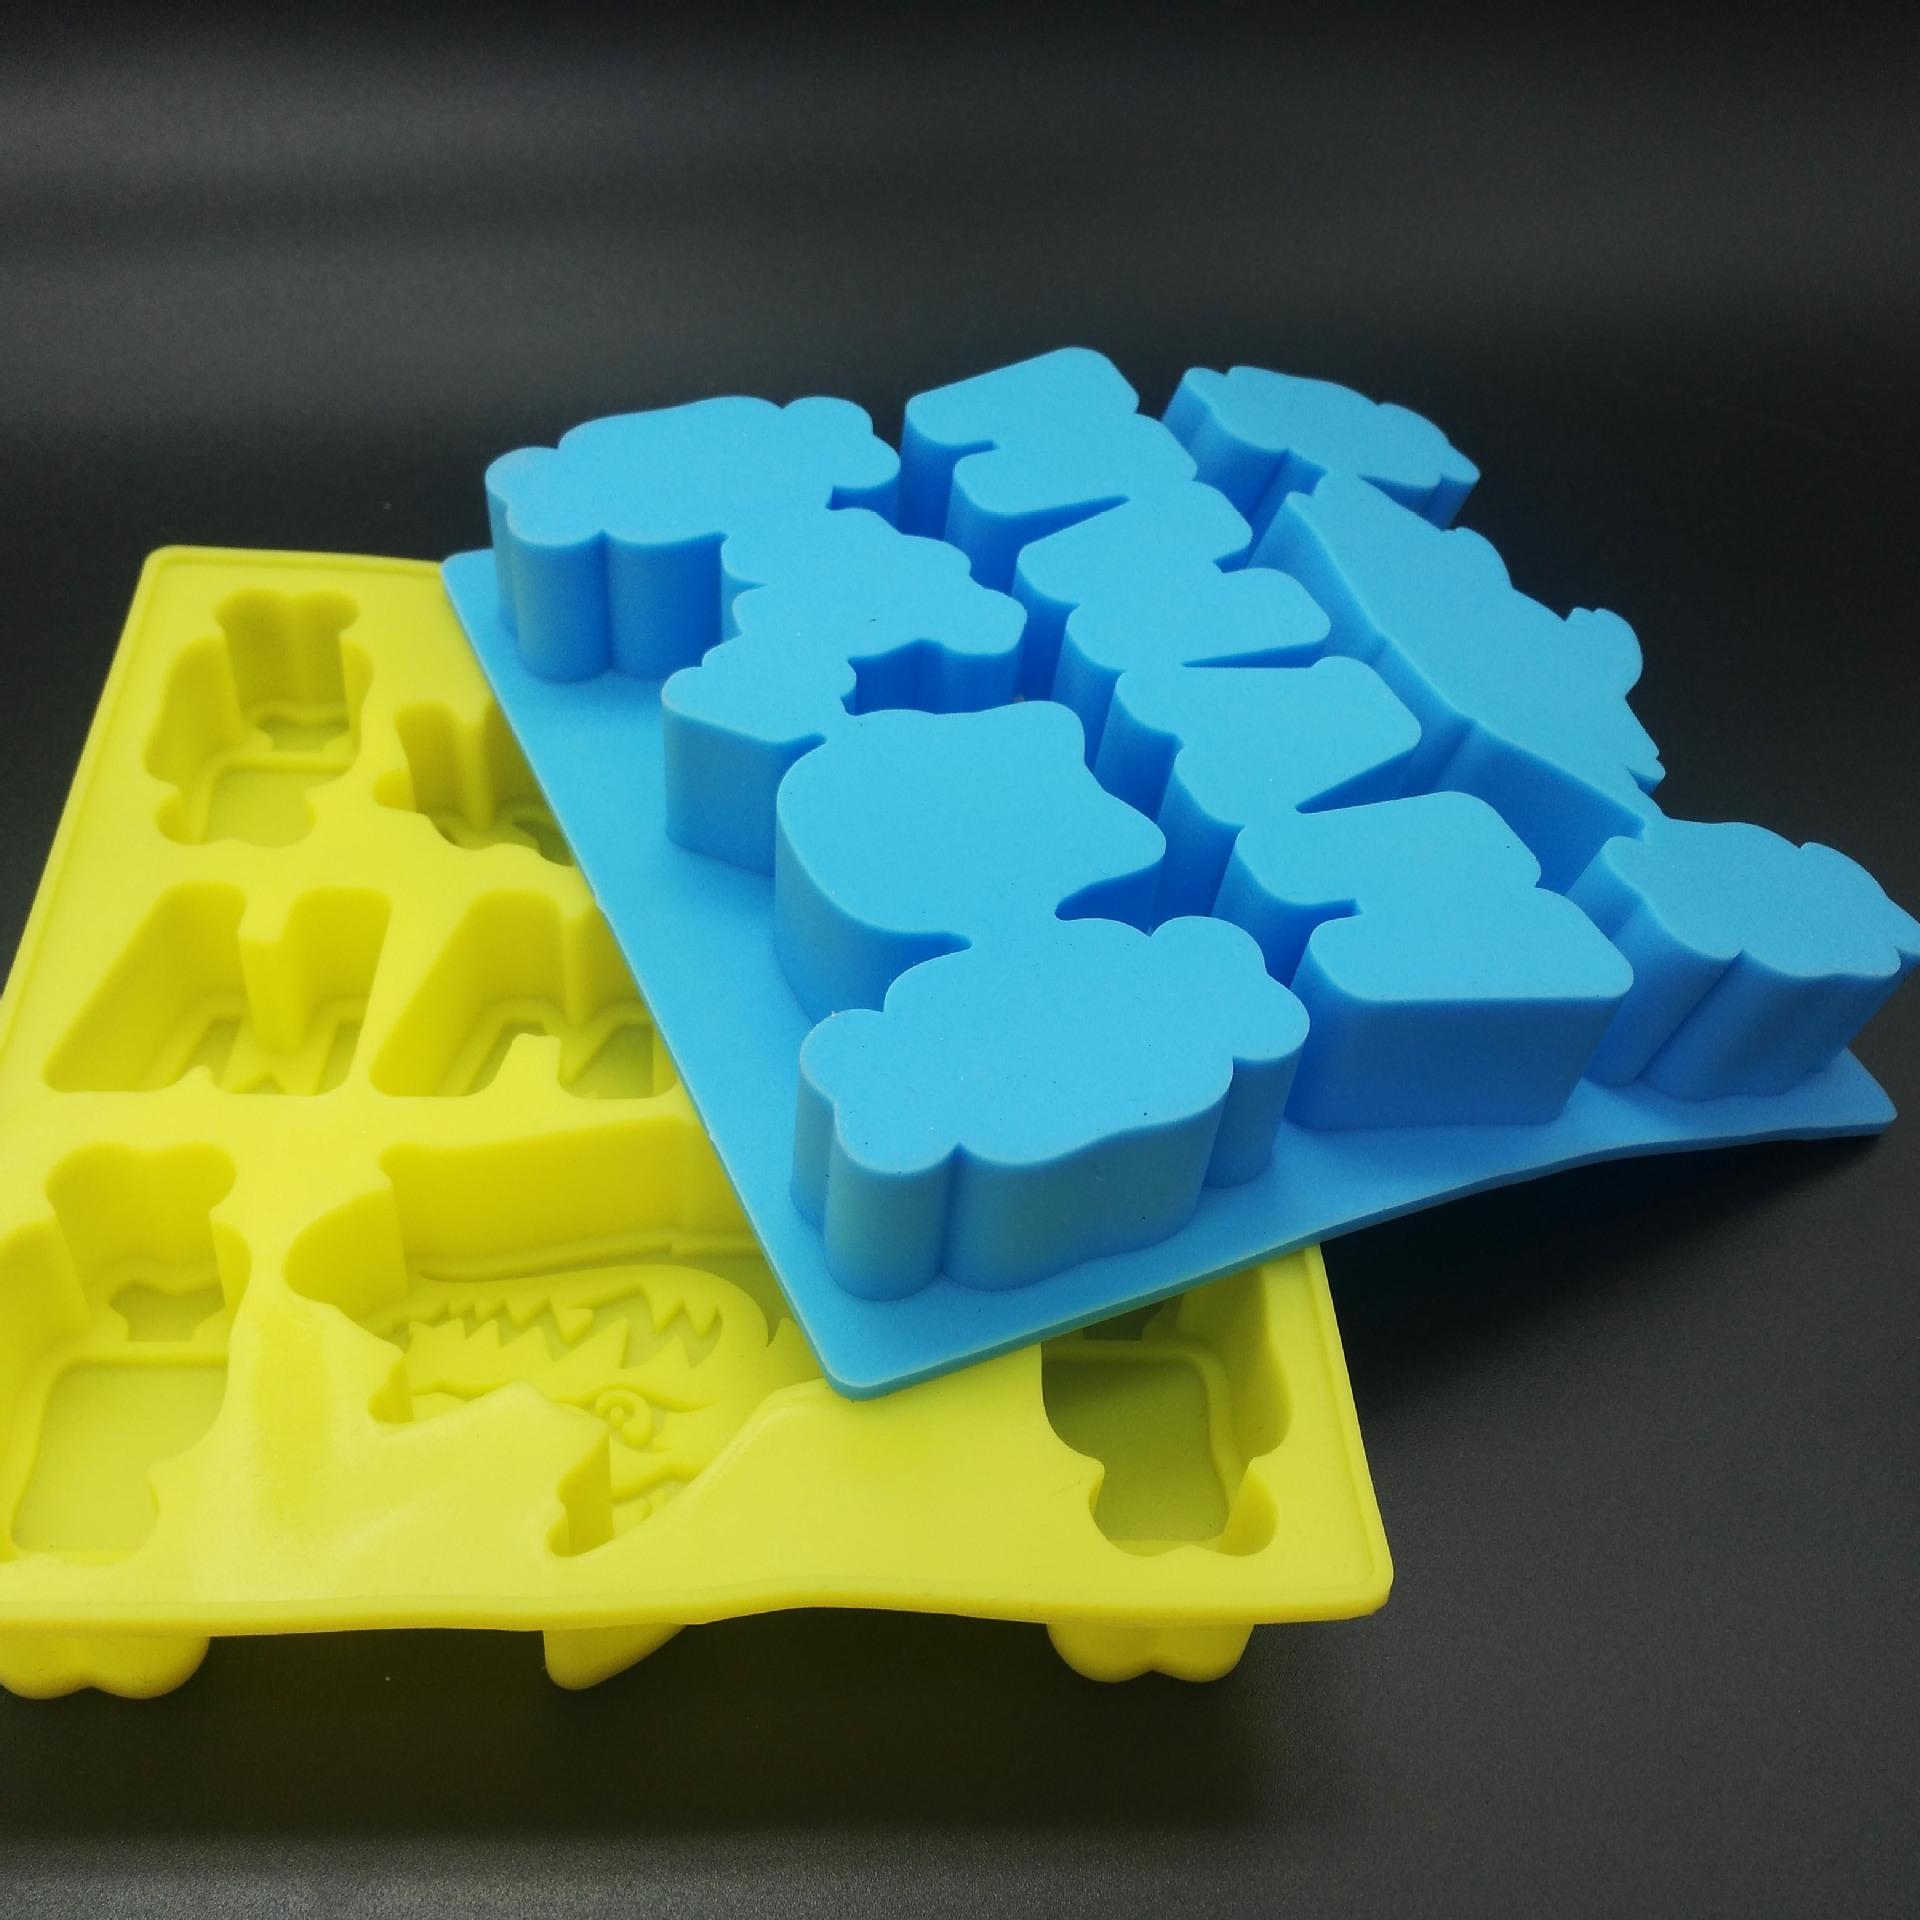 定做食品级硅胶冰格 硅胶冰块模具 定制形状冰格方形硅胶冰块模具